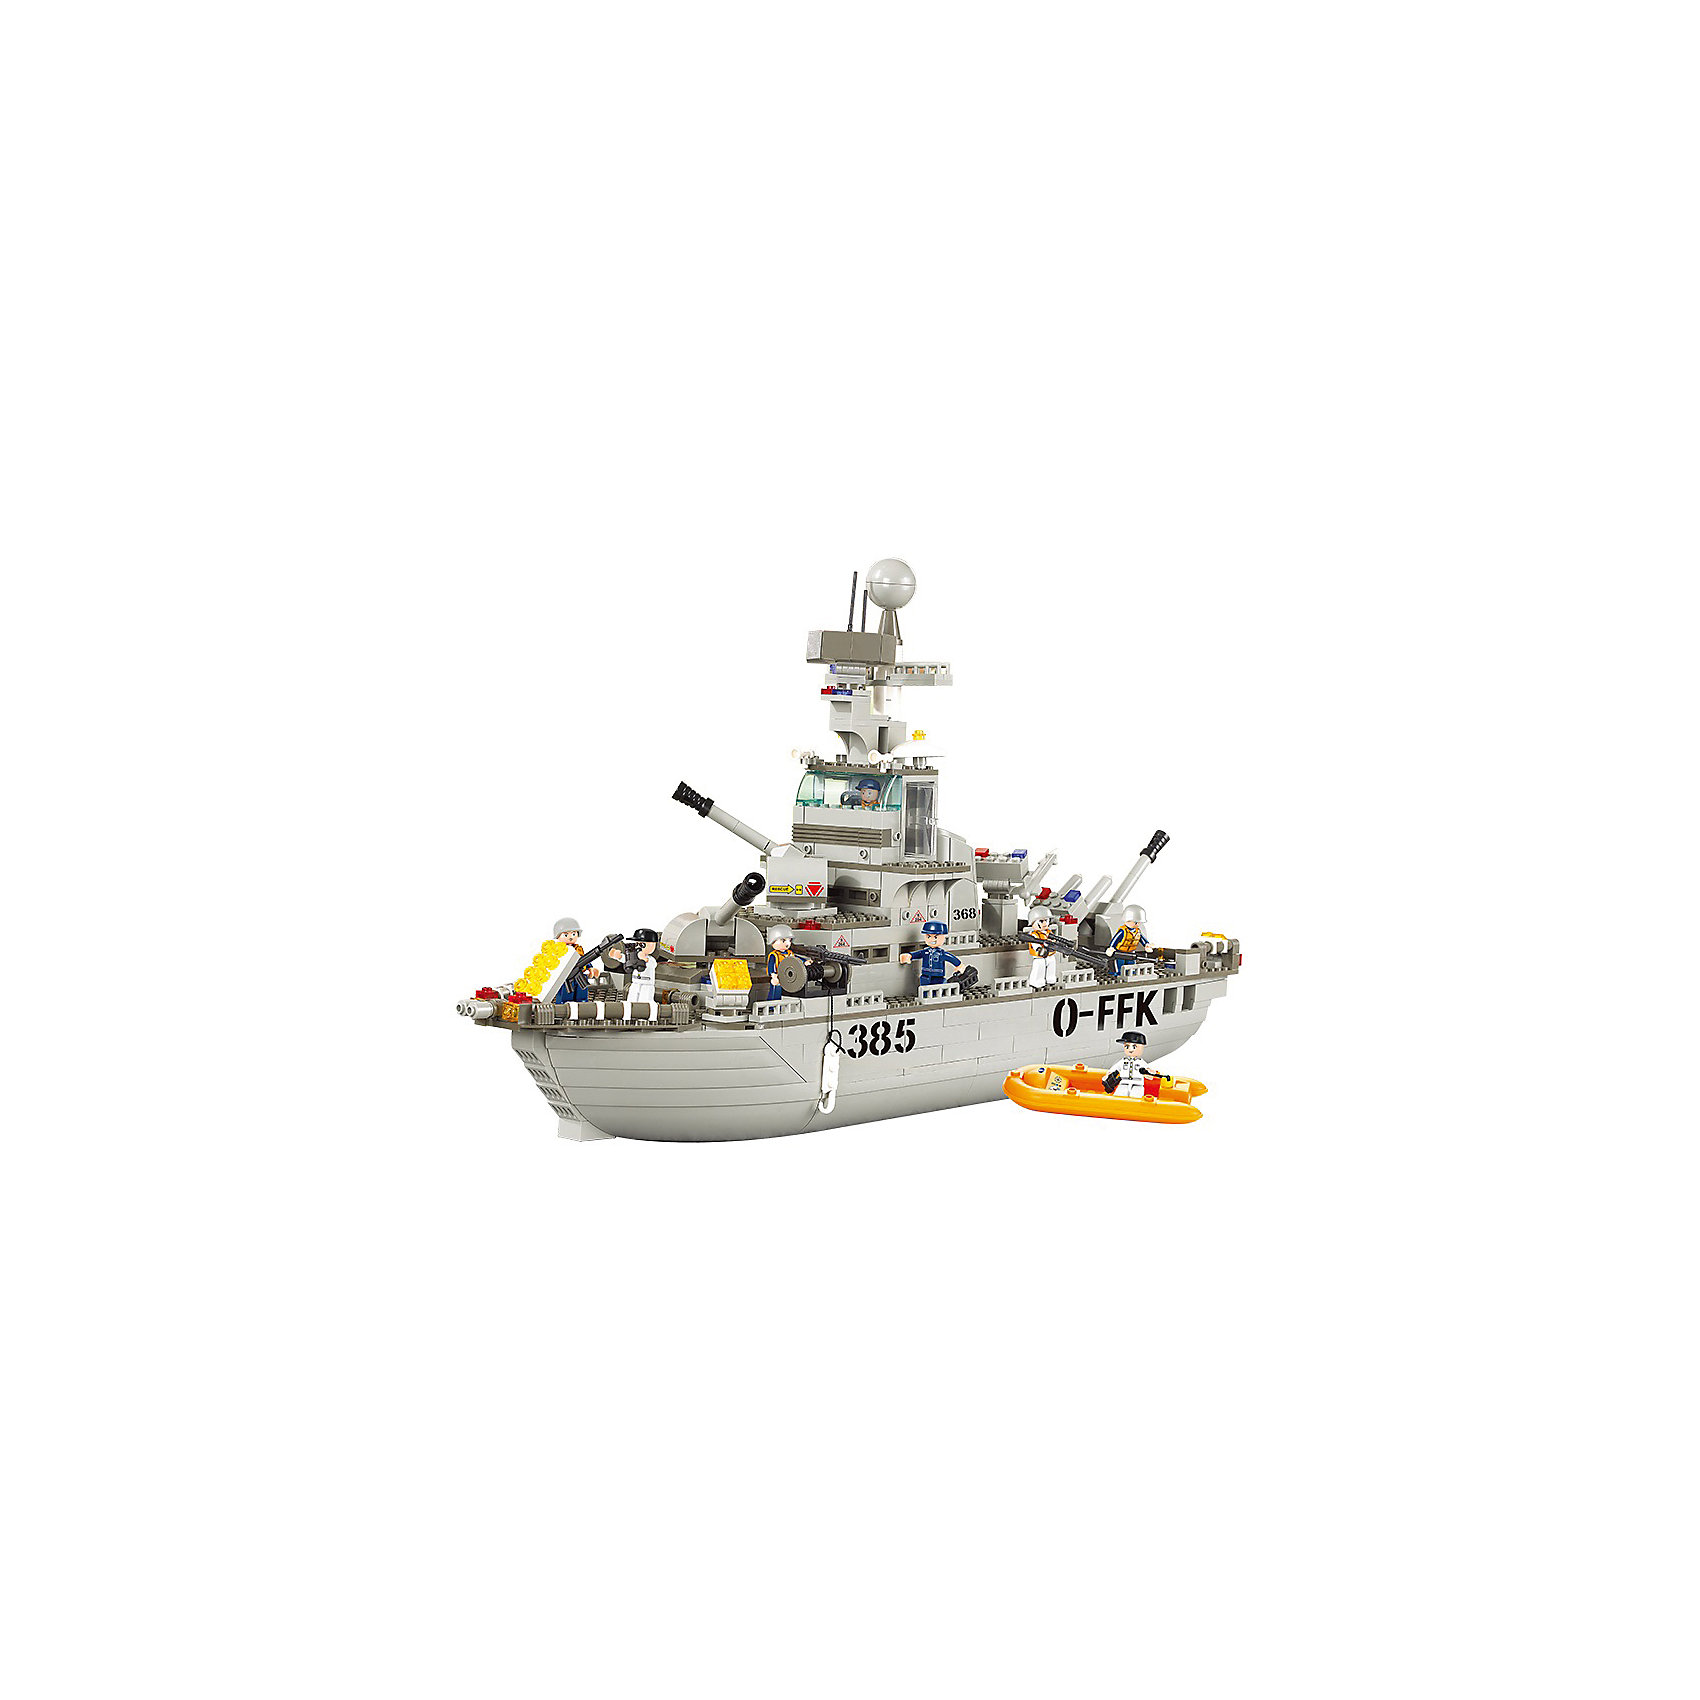 Конструктор Военно-морская серия: Спасательная операция, SlubanВ наборе: корабль, спасательная лодка, фигурки людей, 577 деталей<br><br>Ширина мм: 545<br>Глубина мм: 425<br>Высота мм: 85<br>Вес г: 2830<br>Возраст от месяцев: 72<br>Возраст до месяцев: 1188<br>Пол: Мужской<br>Возраст: Детский<br>SKU: 5005637